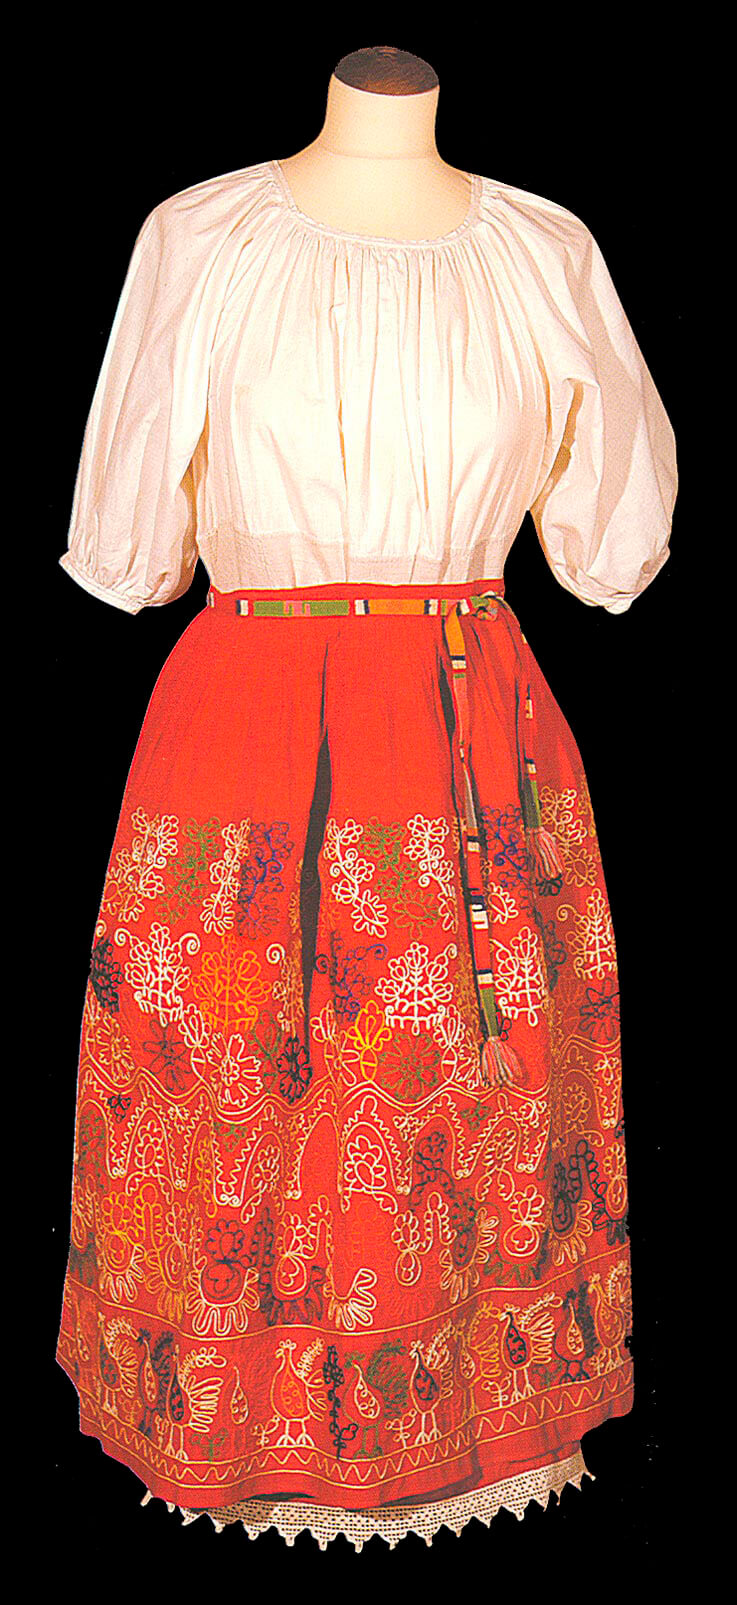 Тамбурная вышивка, русская одежда